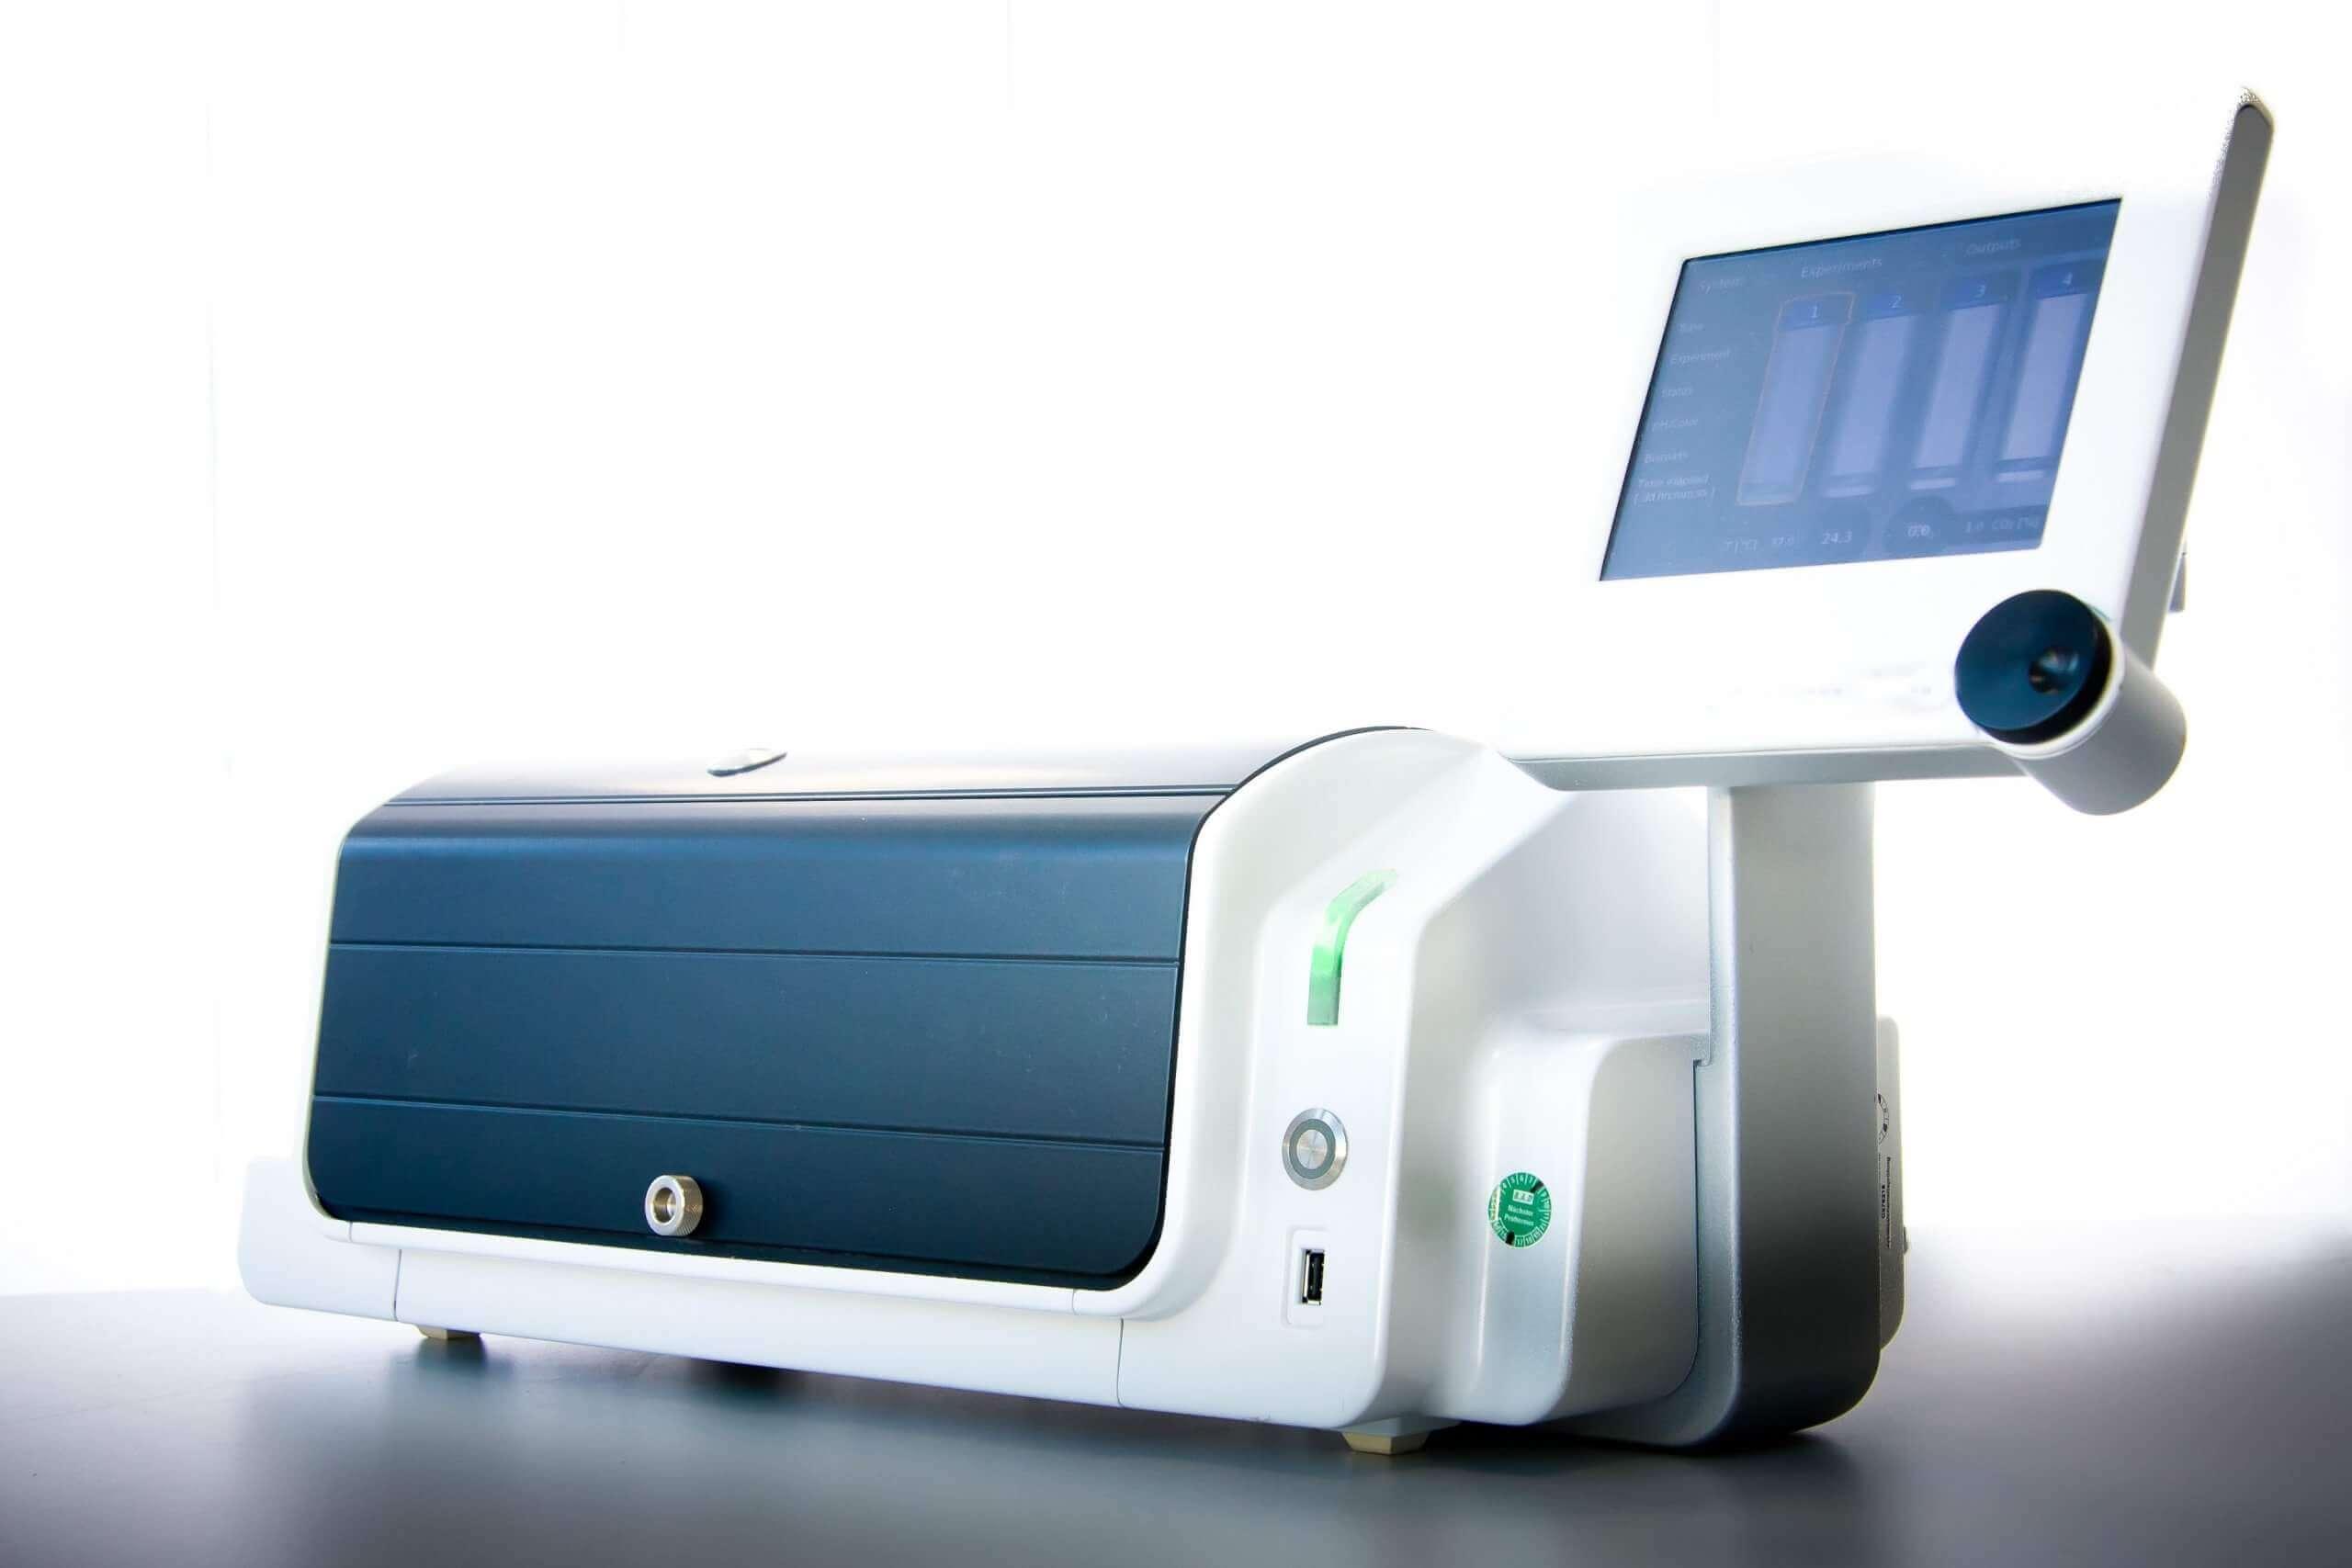 3D Cell Culture Bioreactor & Incubator CERO 3D